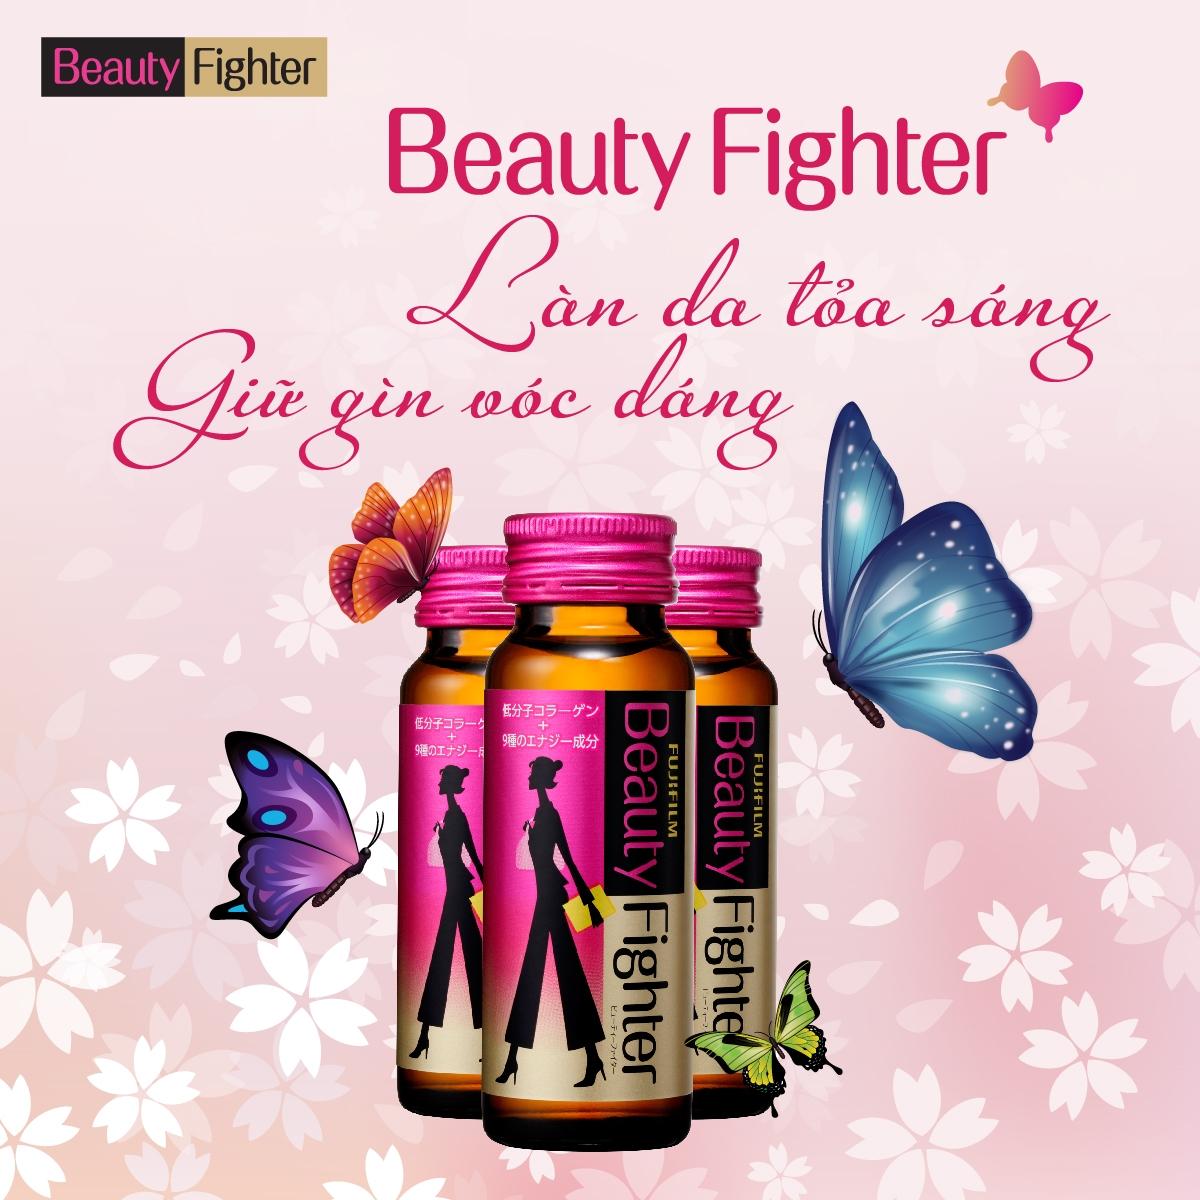 Thức Uống Bổ Sung Collagen ASTALIFT Beauty Fighter Collagen hiện đã có mặt tại Hasaki